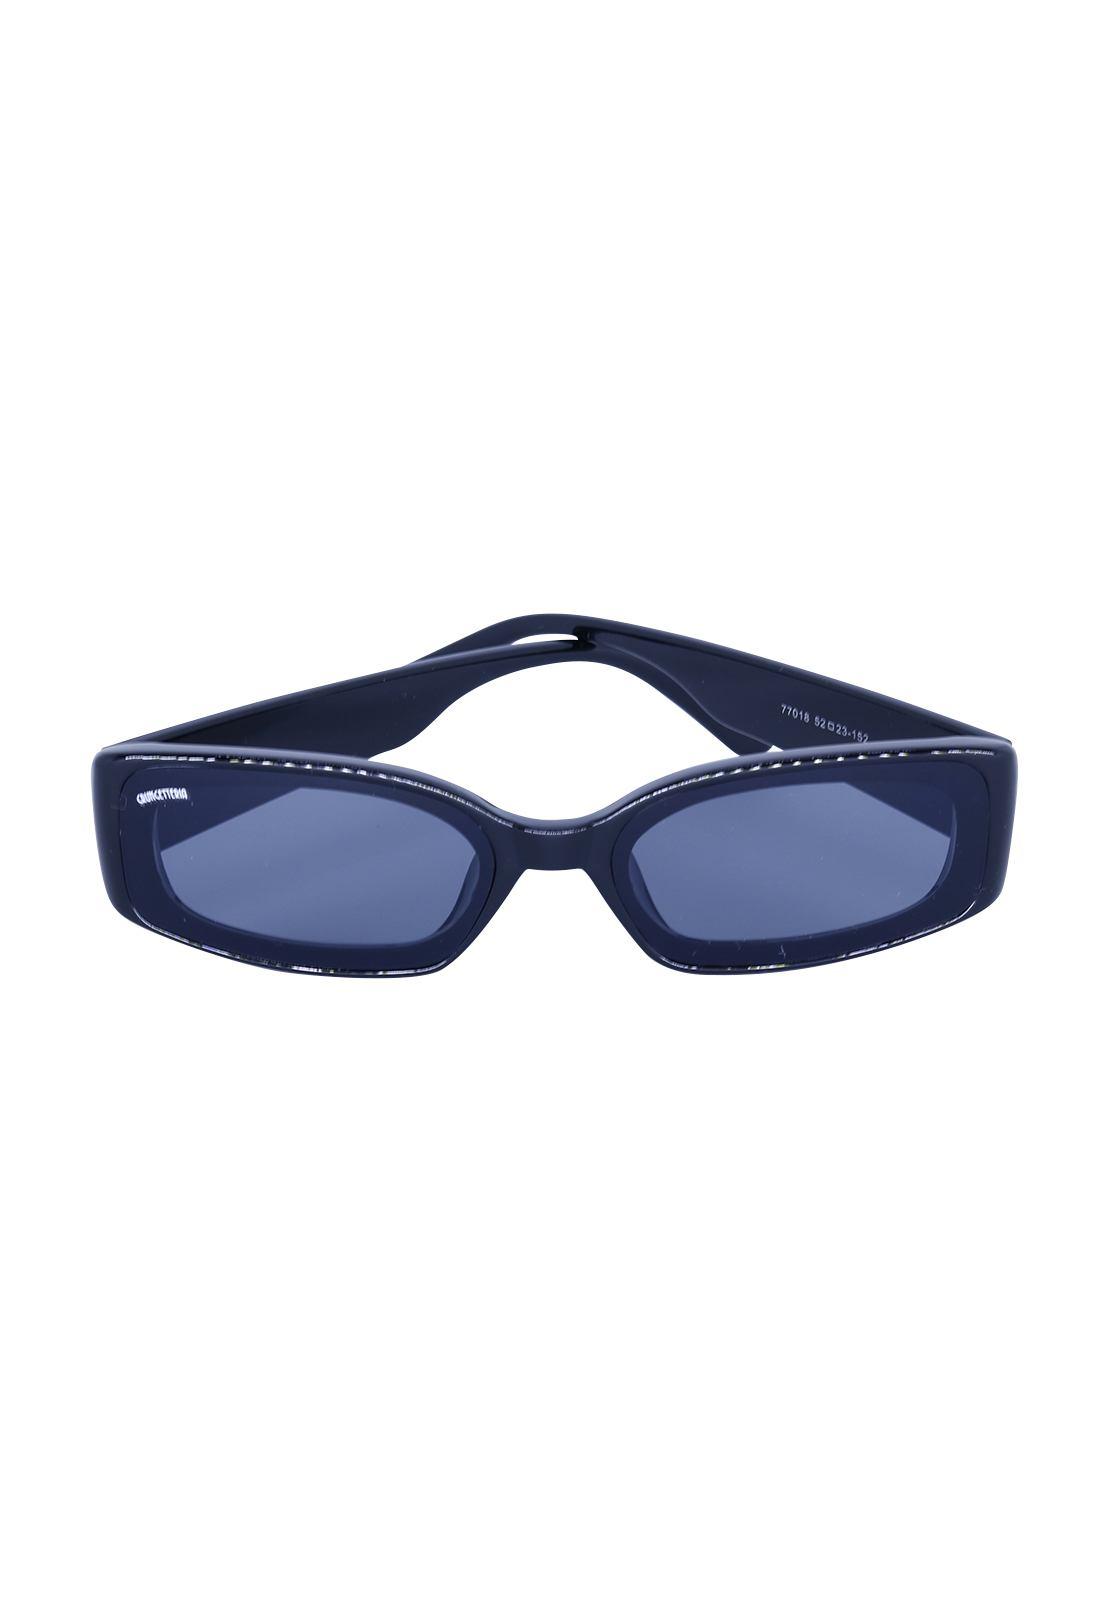 Óculos de Sol Grungetteria Dazzler Preto